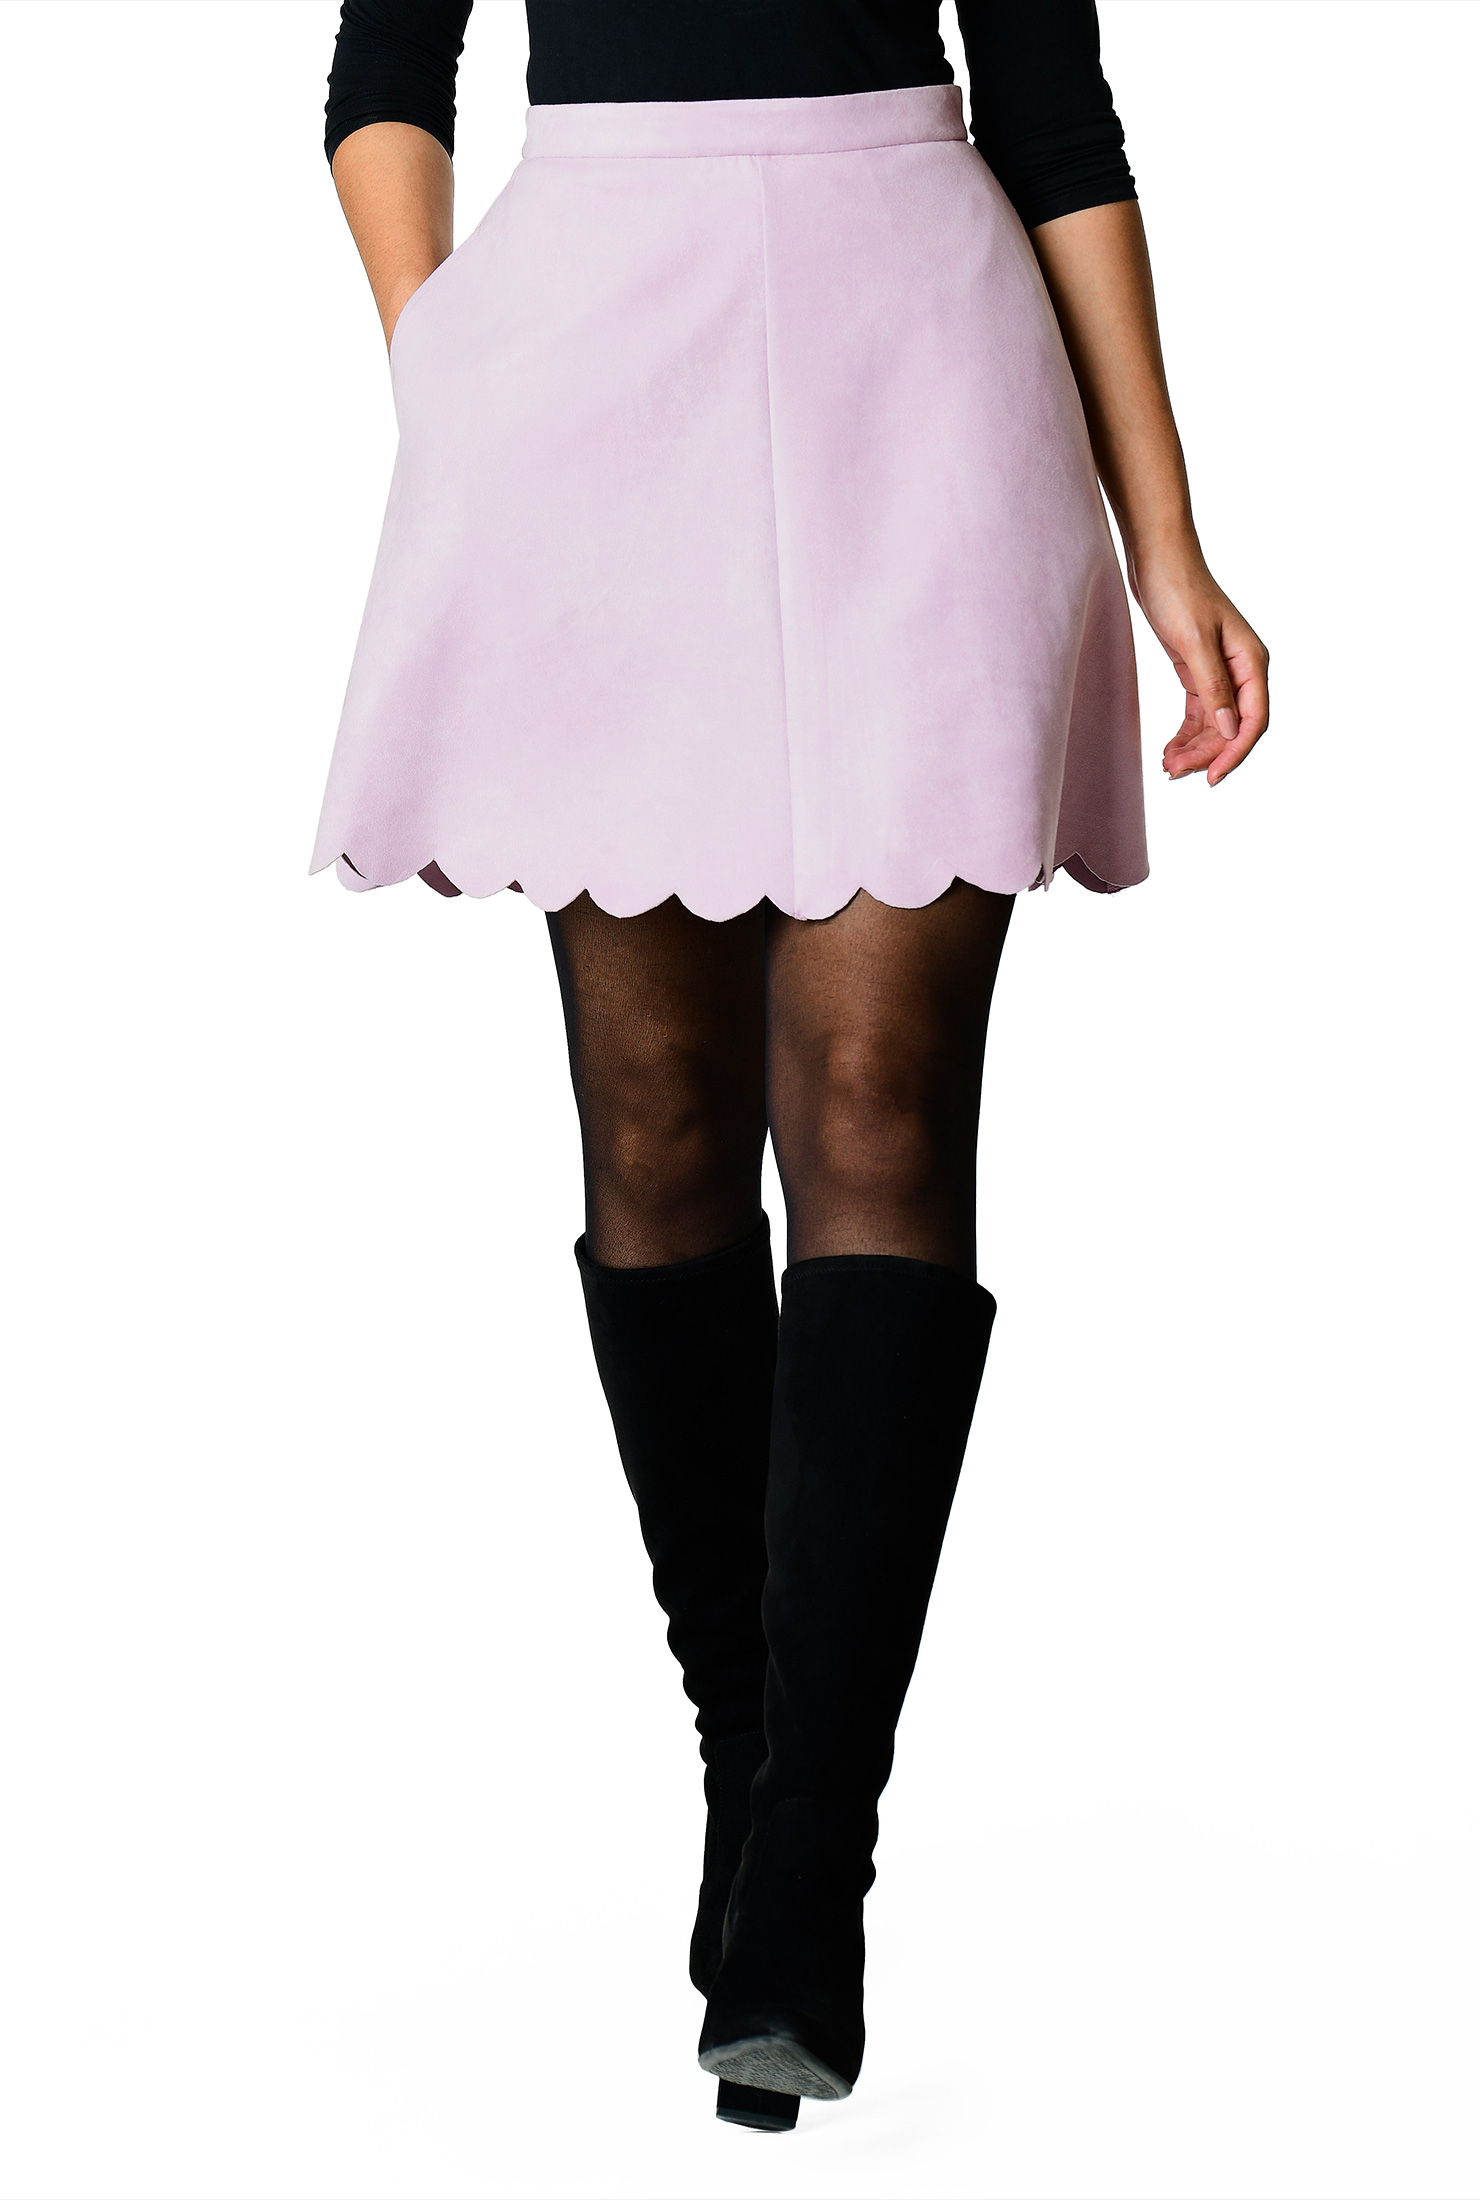 44f5dd98d1 Work Skirts A Line – DACC